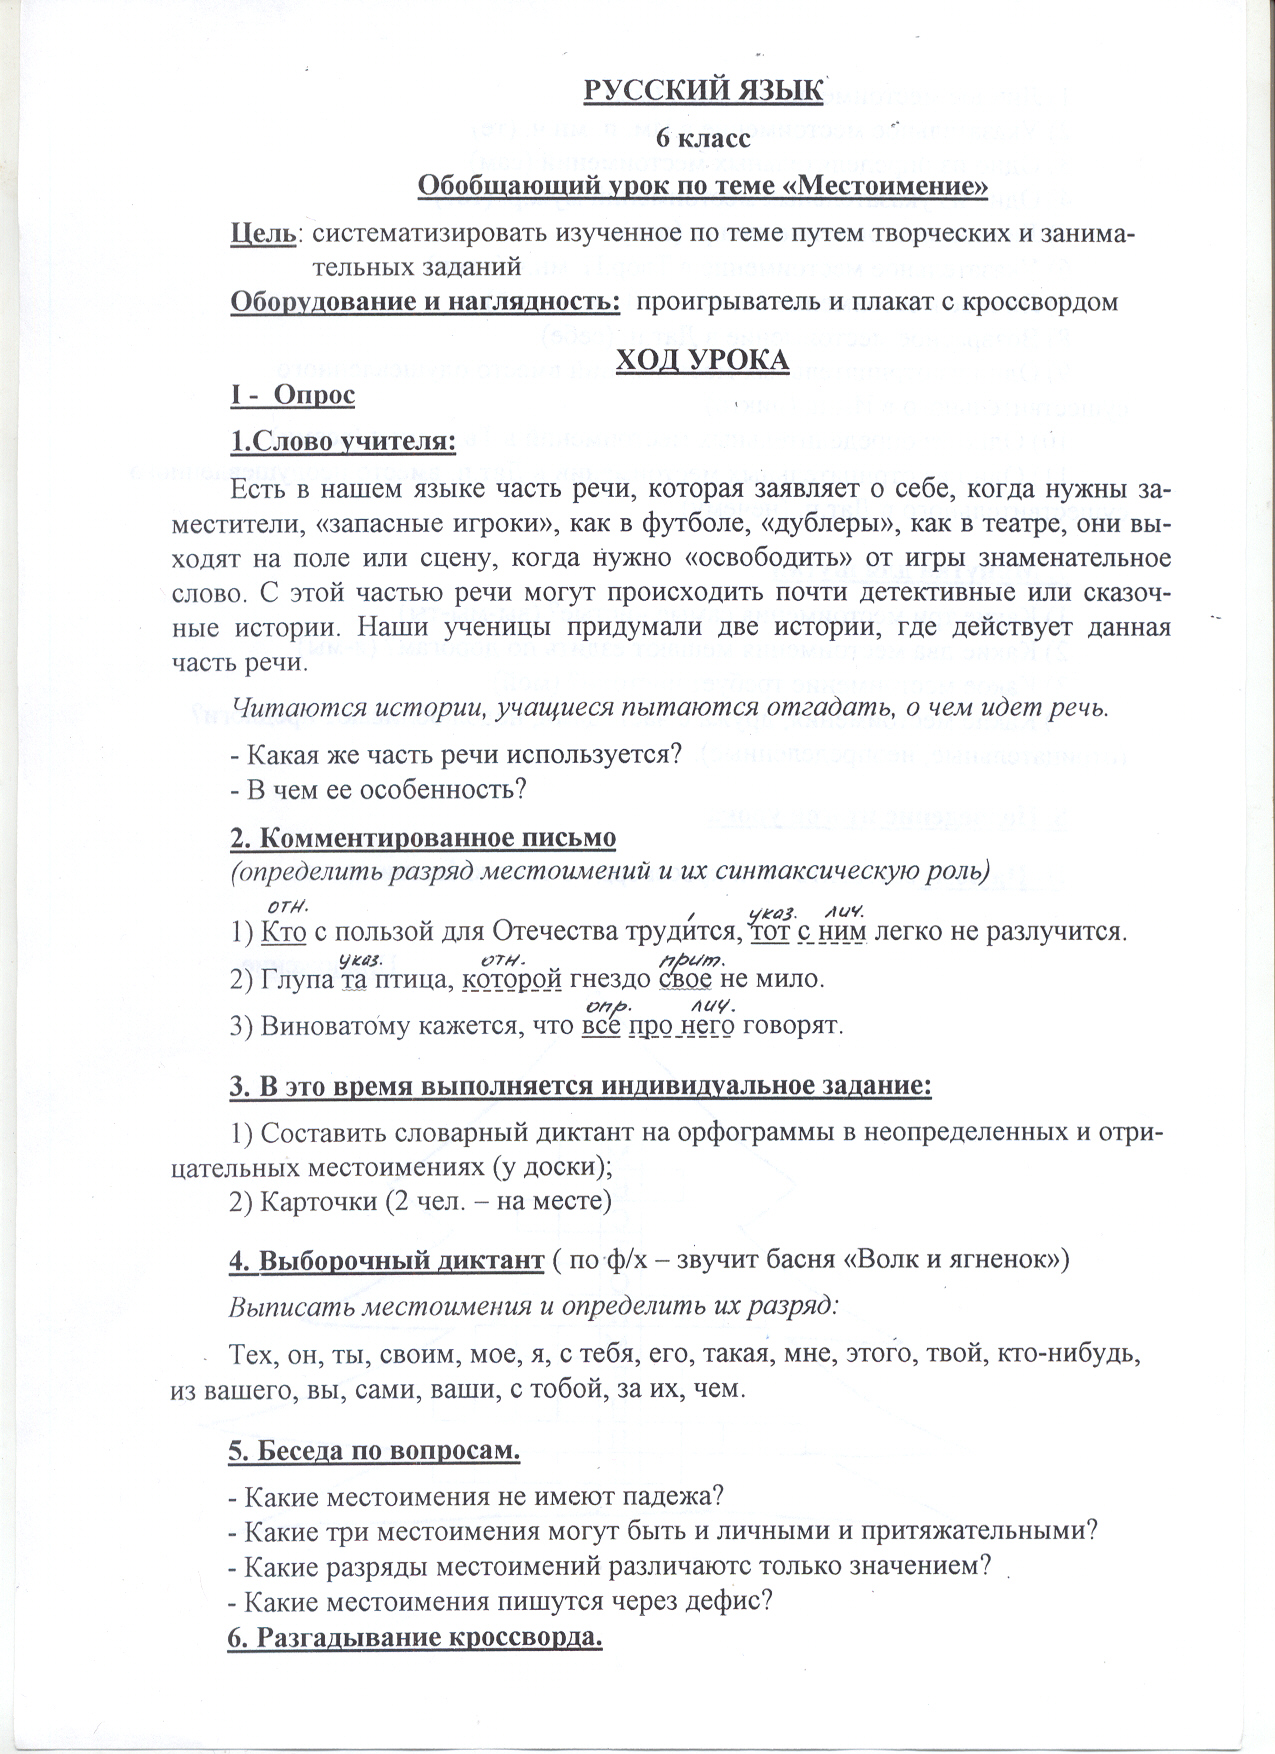 E:\для И.В.Ш\лист 13.jpg